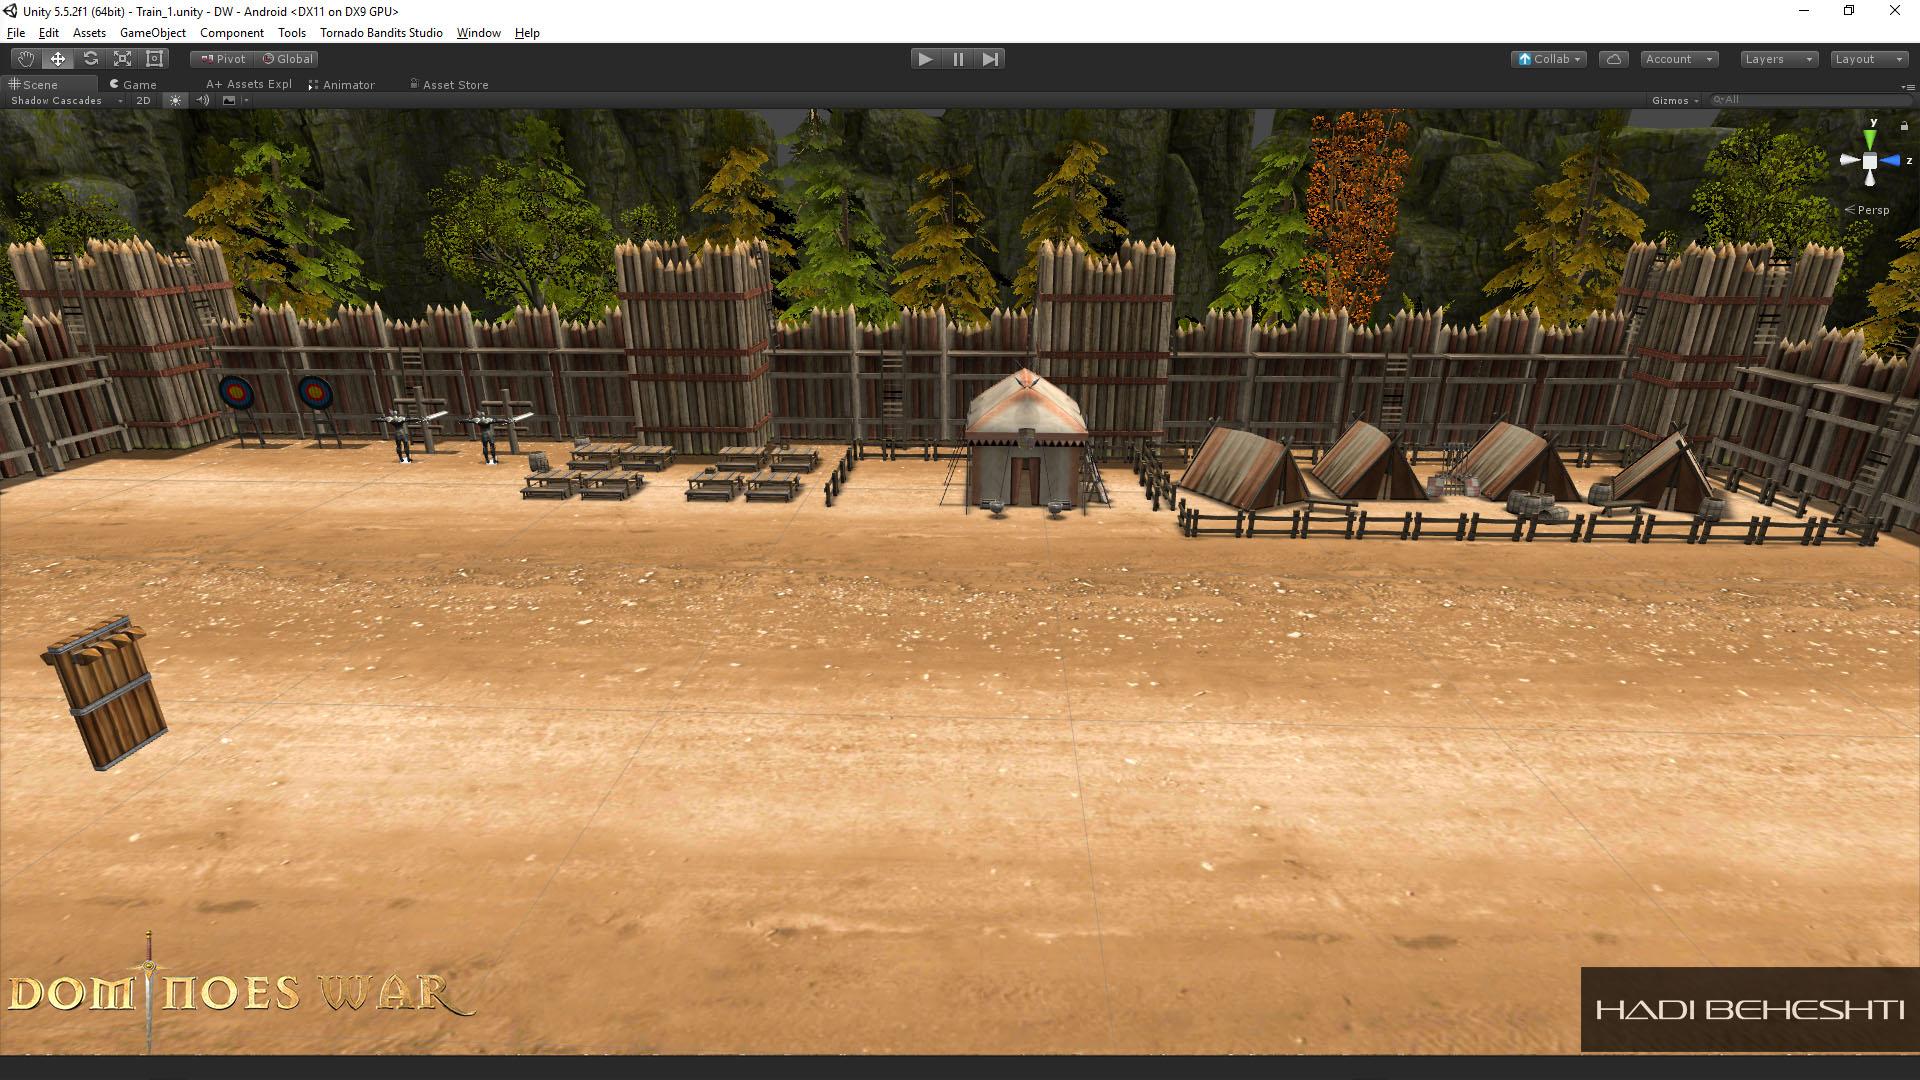 Dominoes War Game Garrison Scene Hadi Beheshti CG Artist-7